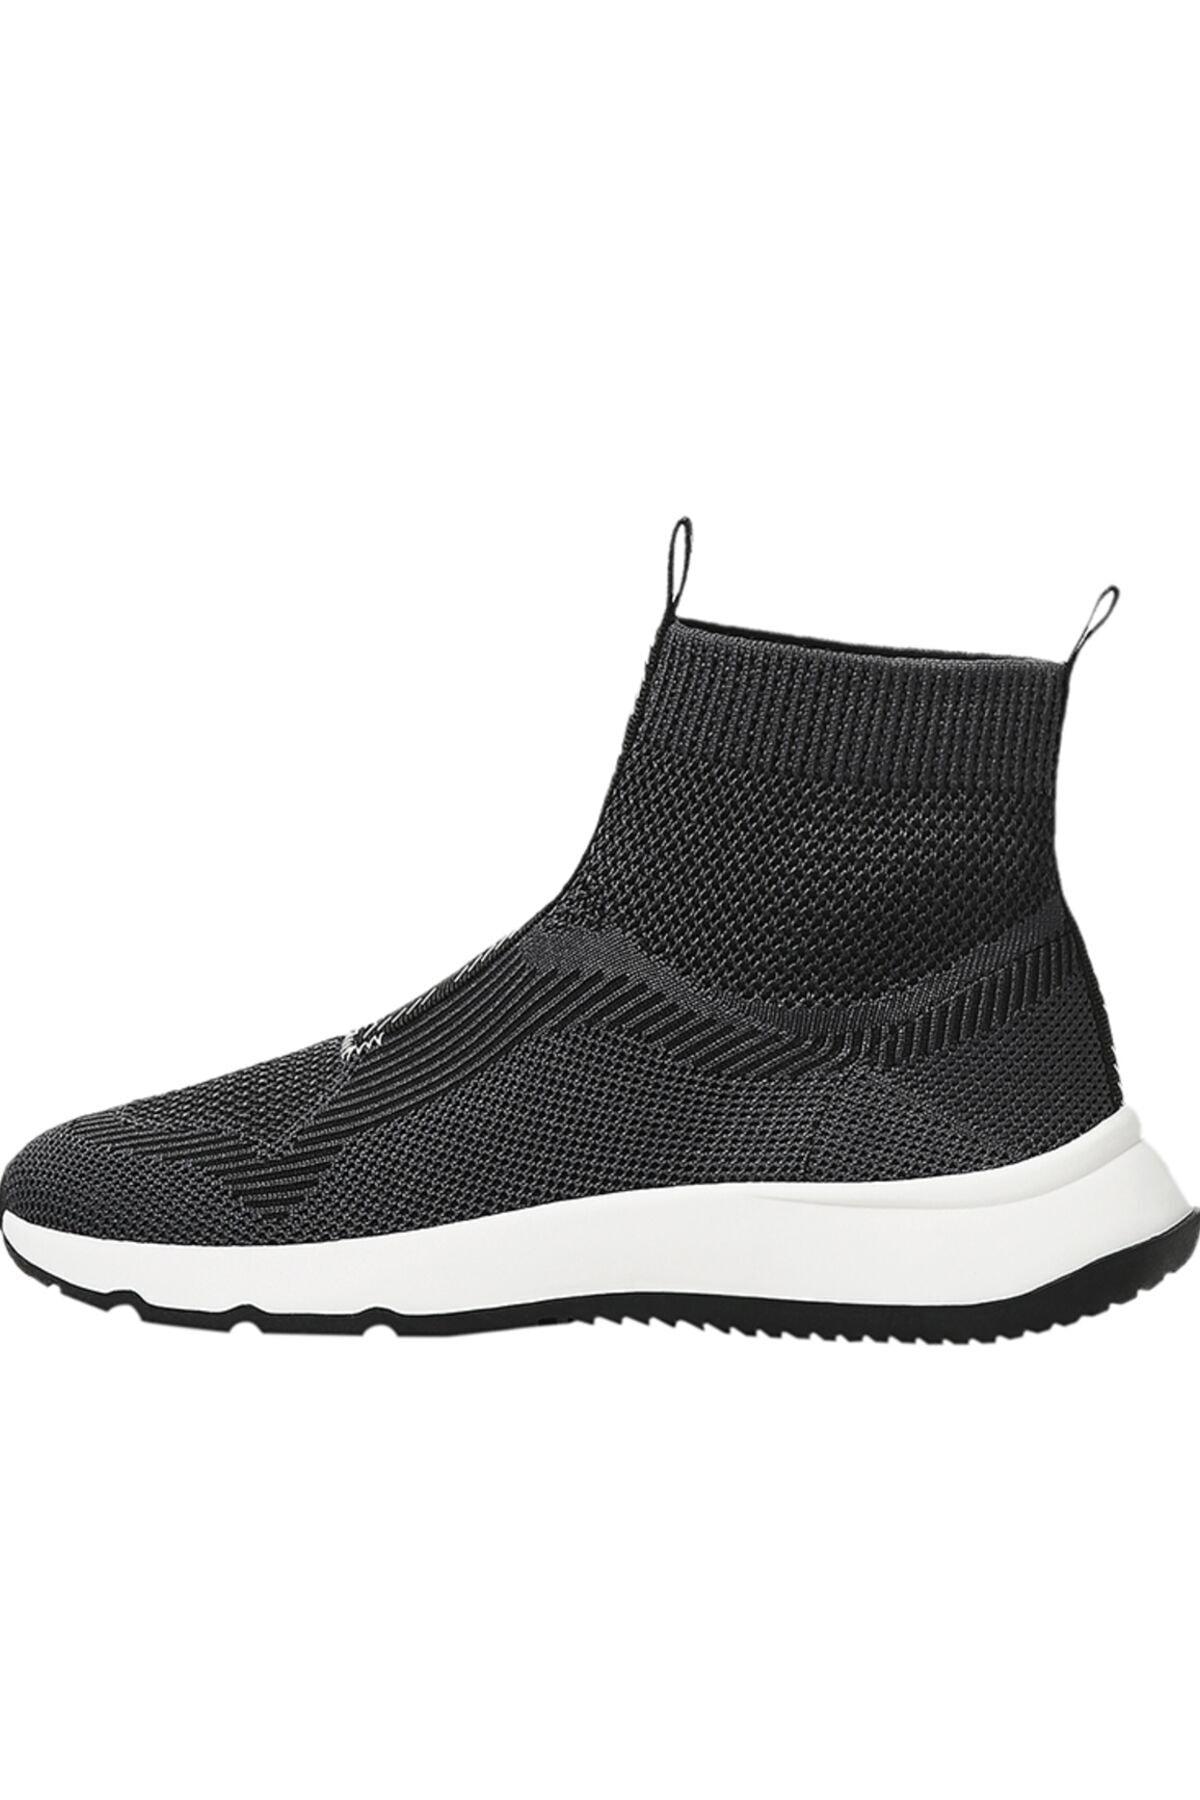 Bershka Kadın Siyah Çorap Model Örgü Yüksek Bilekli Spor Ayakkabı 11510760 1